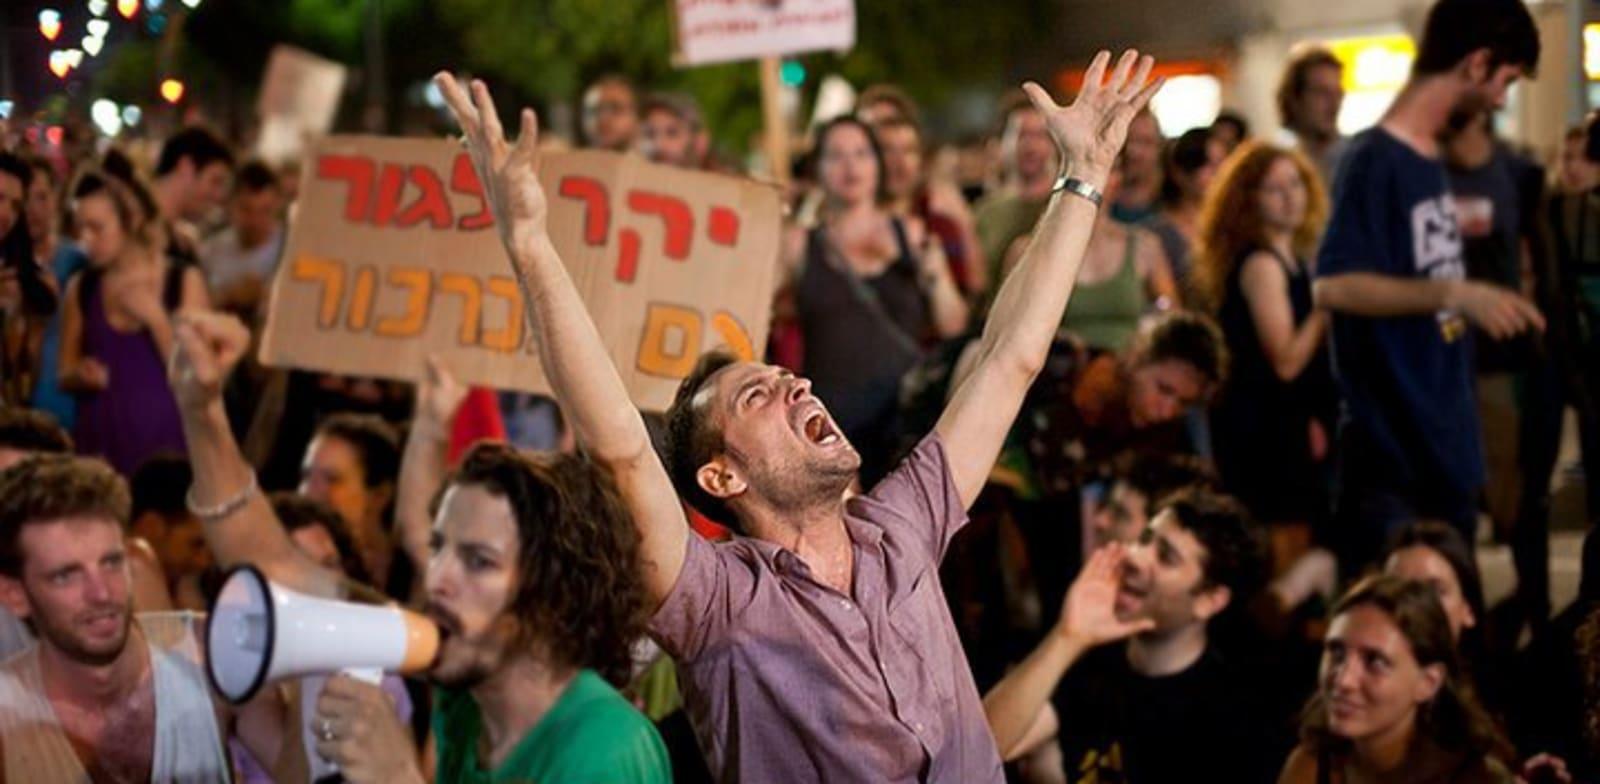 הפגנה-צדק חברתי / צילום: דימה וזינוביץ